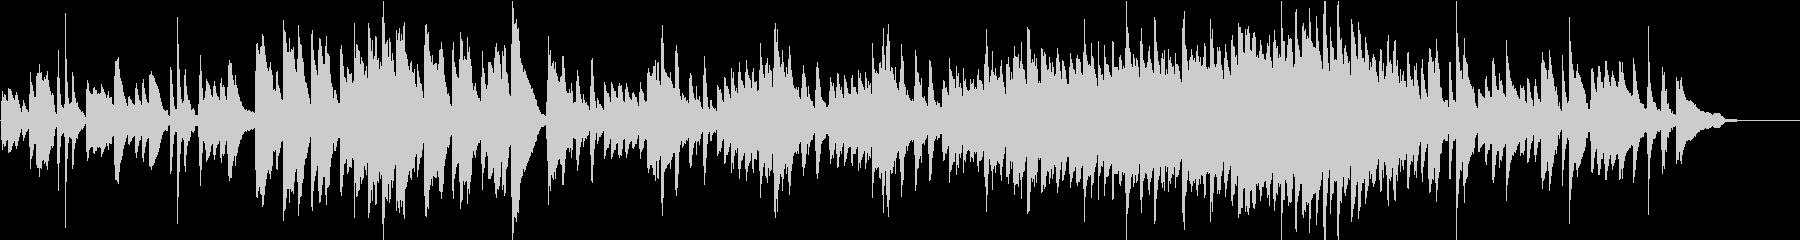 軽快なピアノとパーカッションの未再生の波形